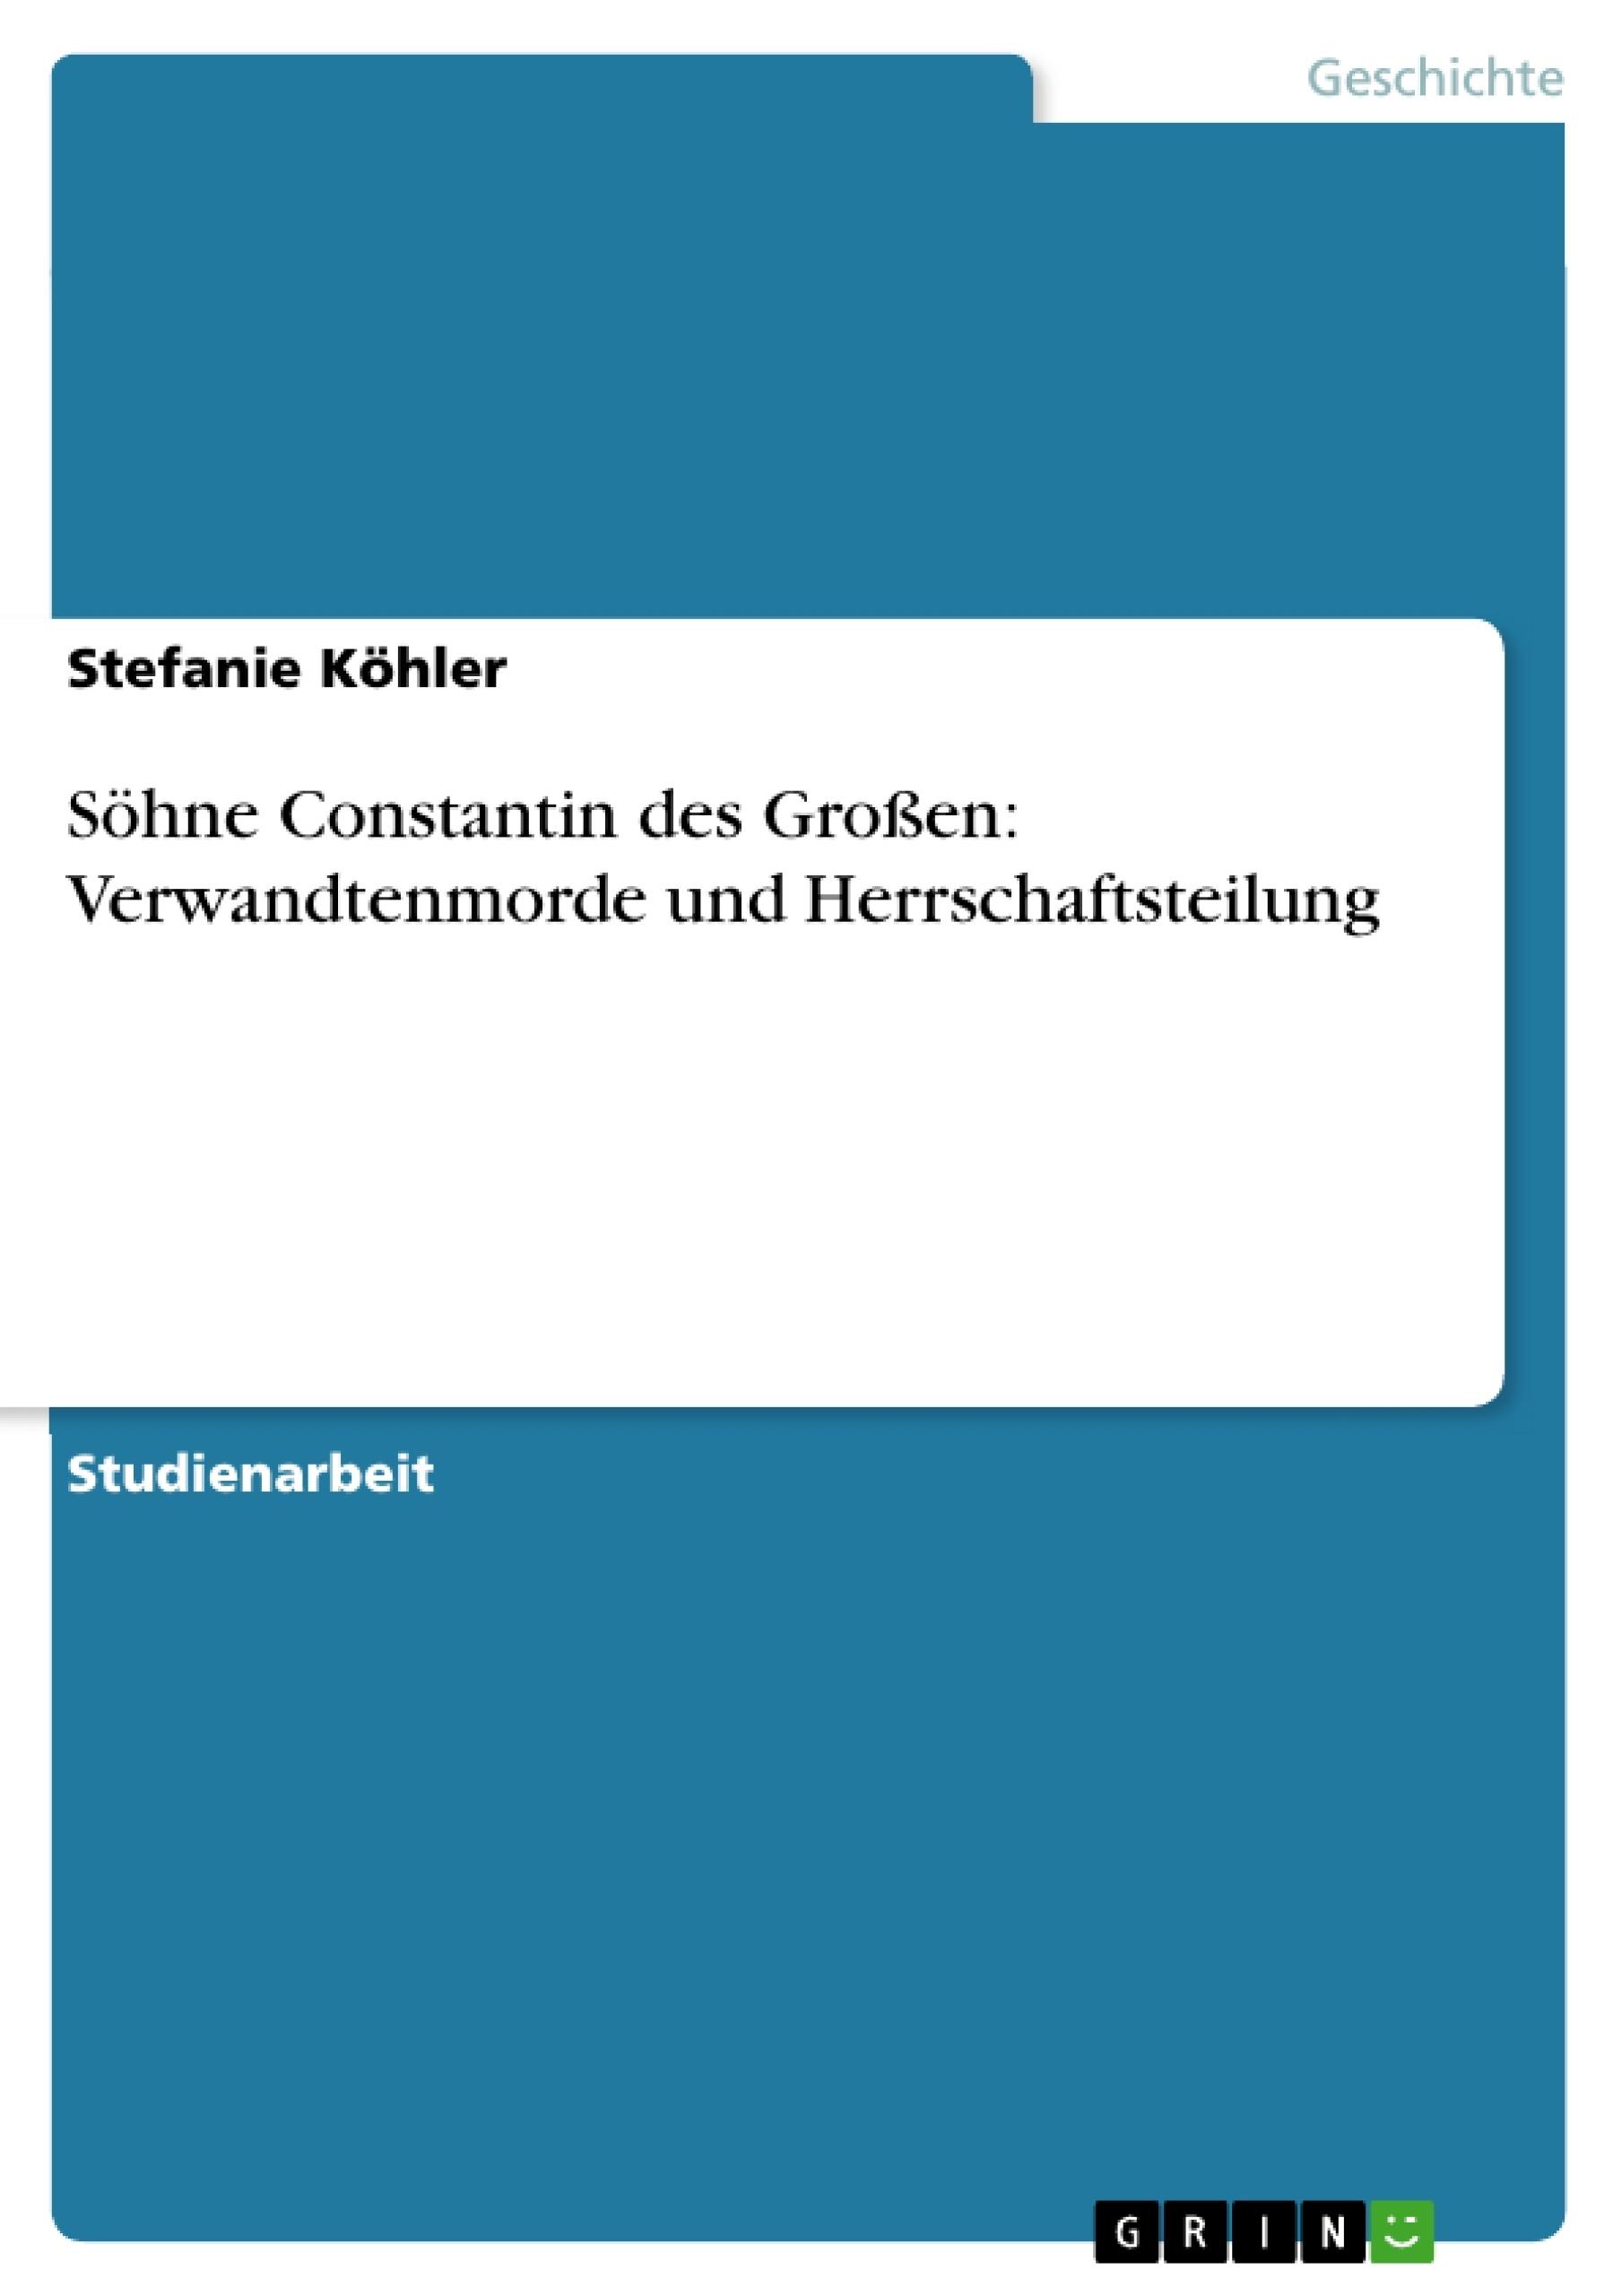 Titel: Söhne Constantin des Großen: Verwandtenmorde und Herrschaftsteilung